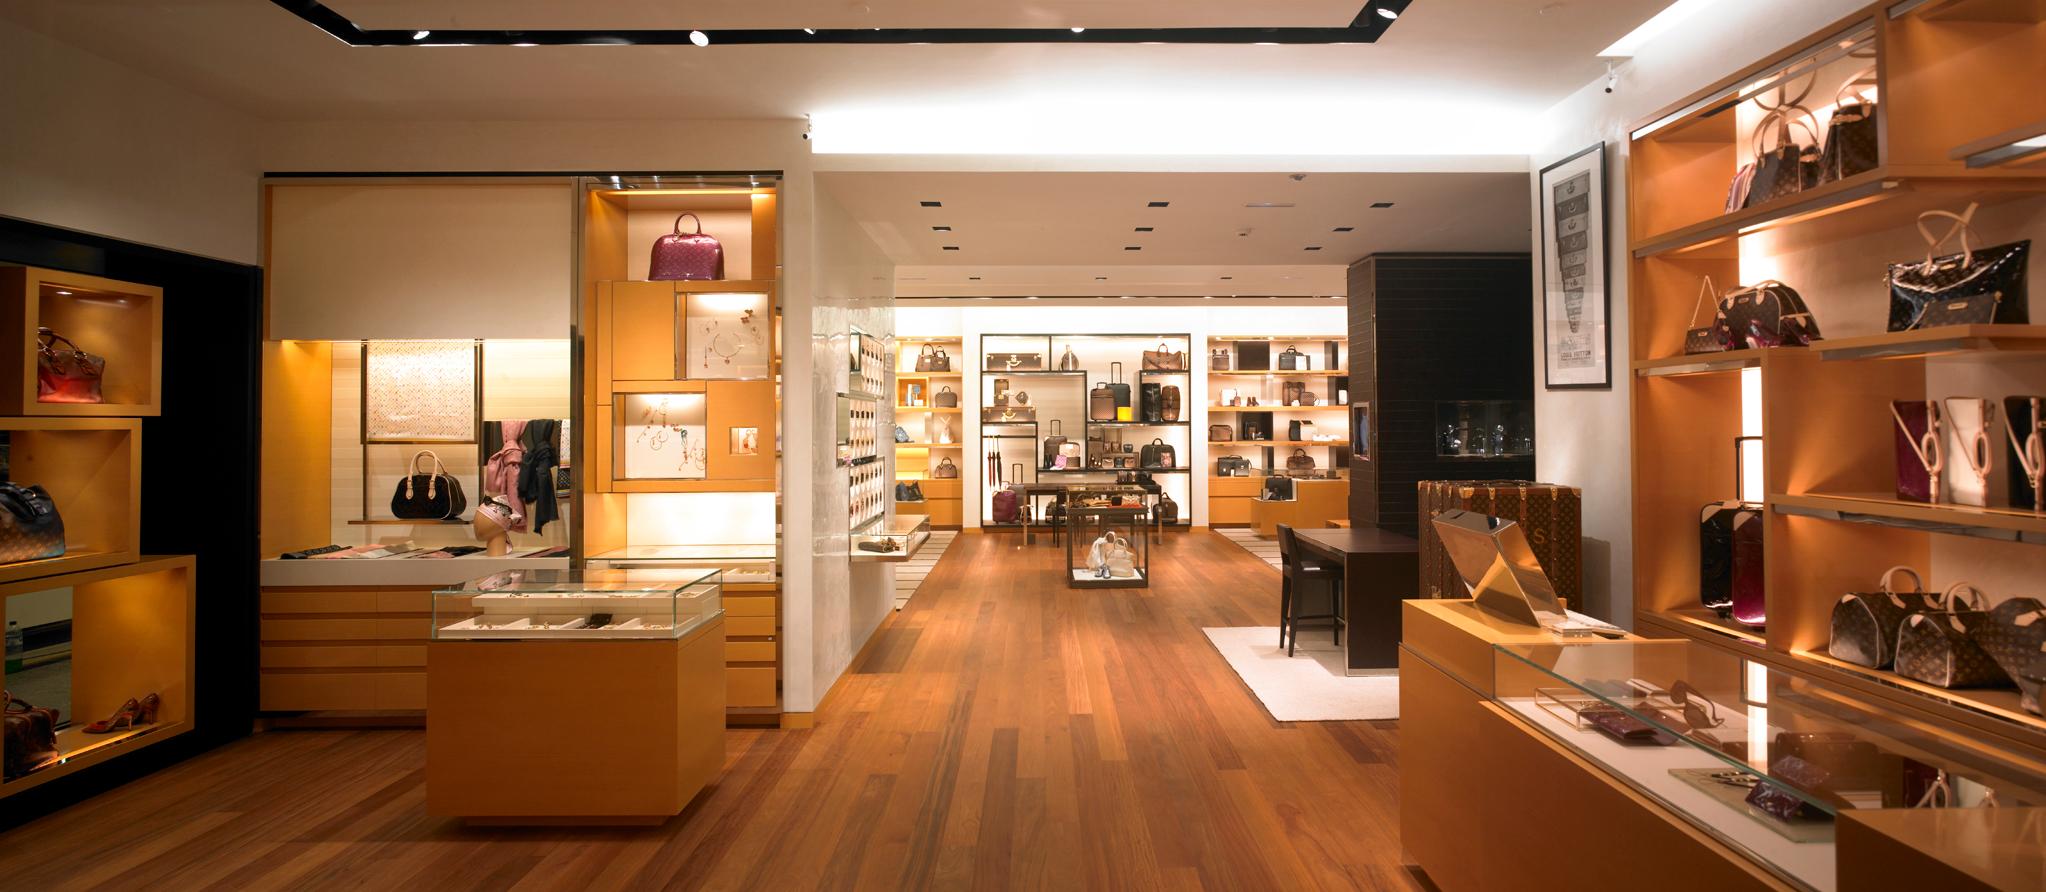 Louis Vuitton Barcelona El Corte Ingles